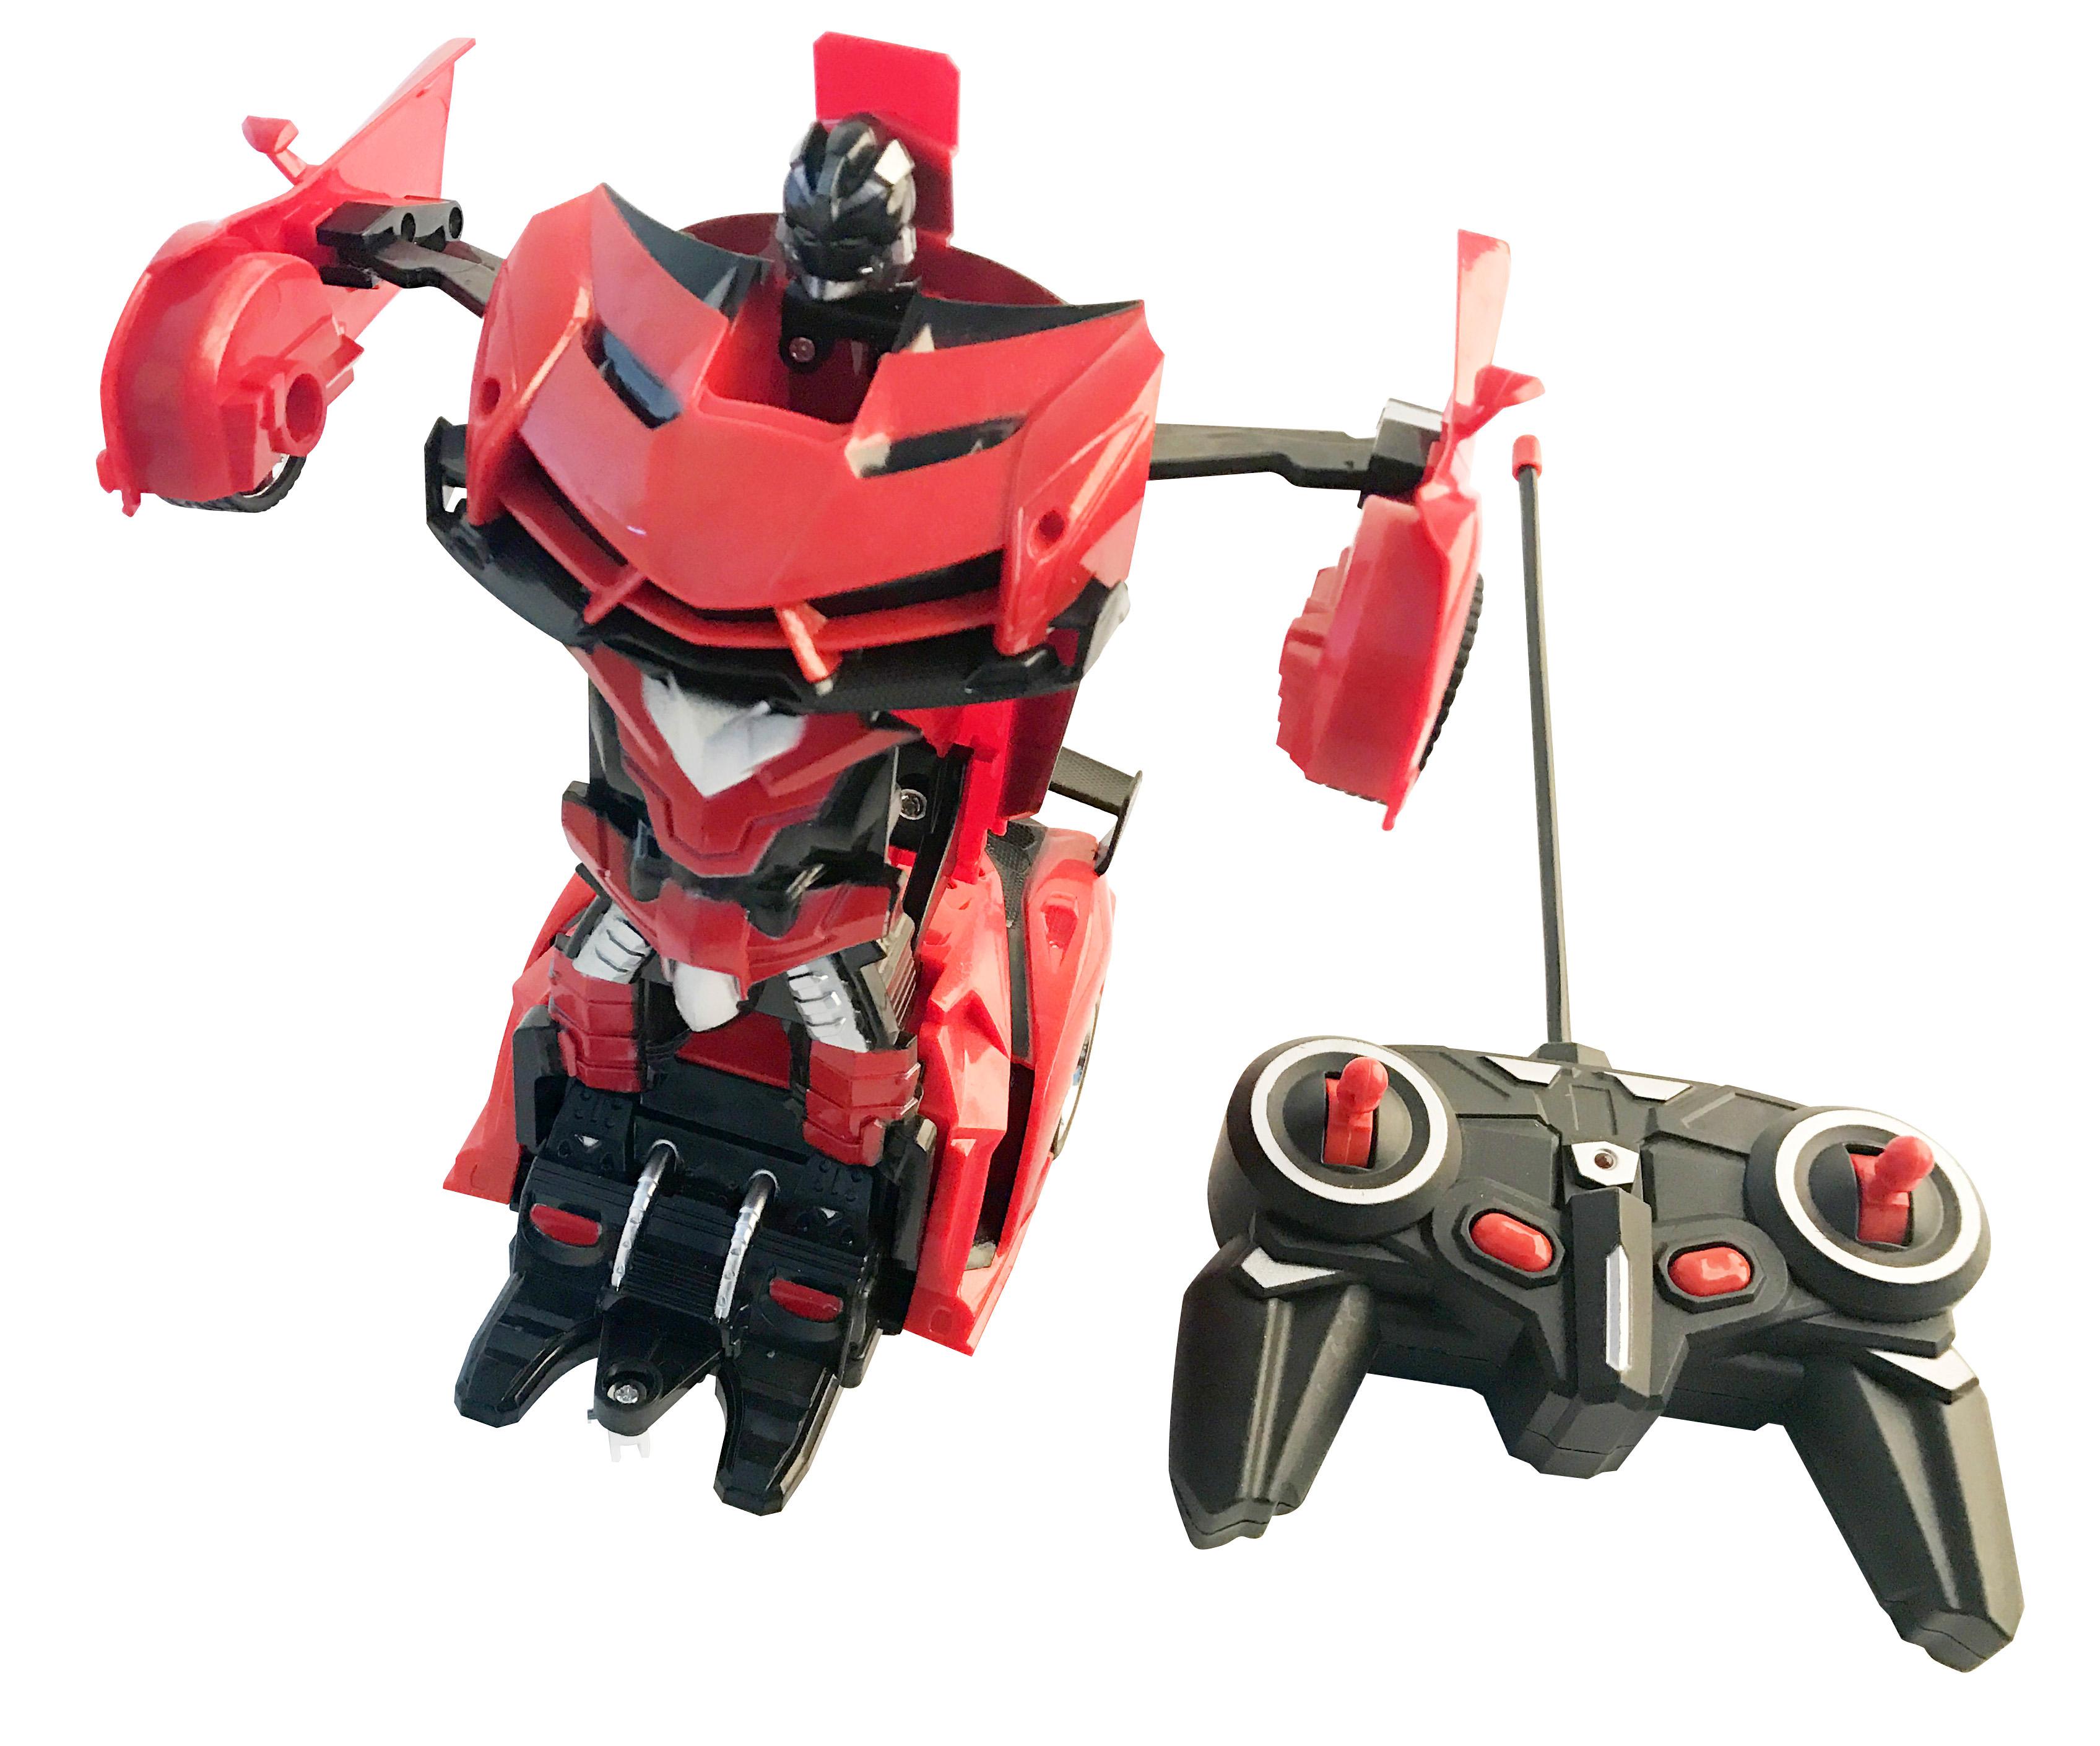 Машинки и мотоциклы База игрушек Авторобот трансформер радиоуправляемые игрушки